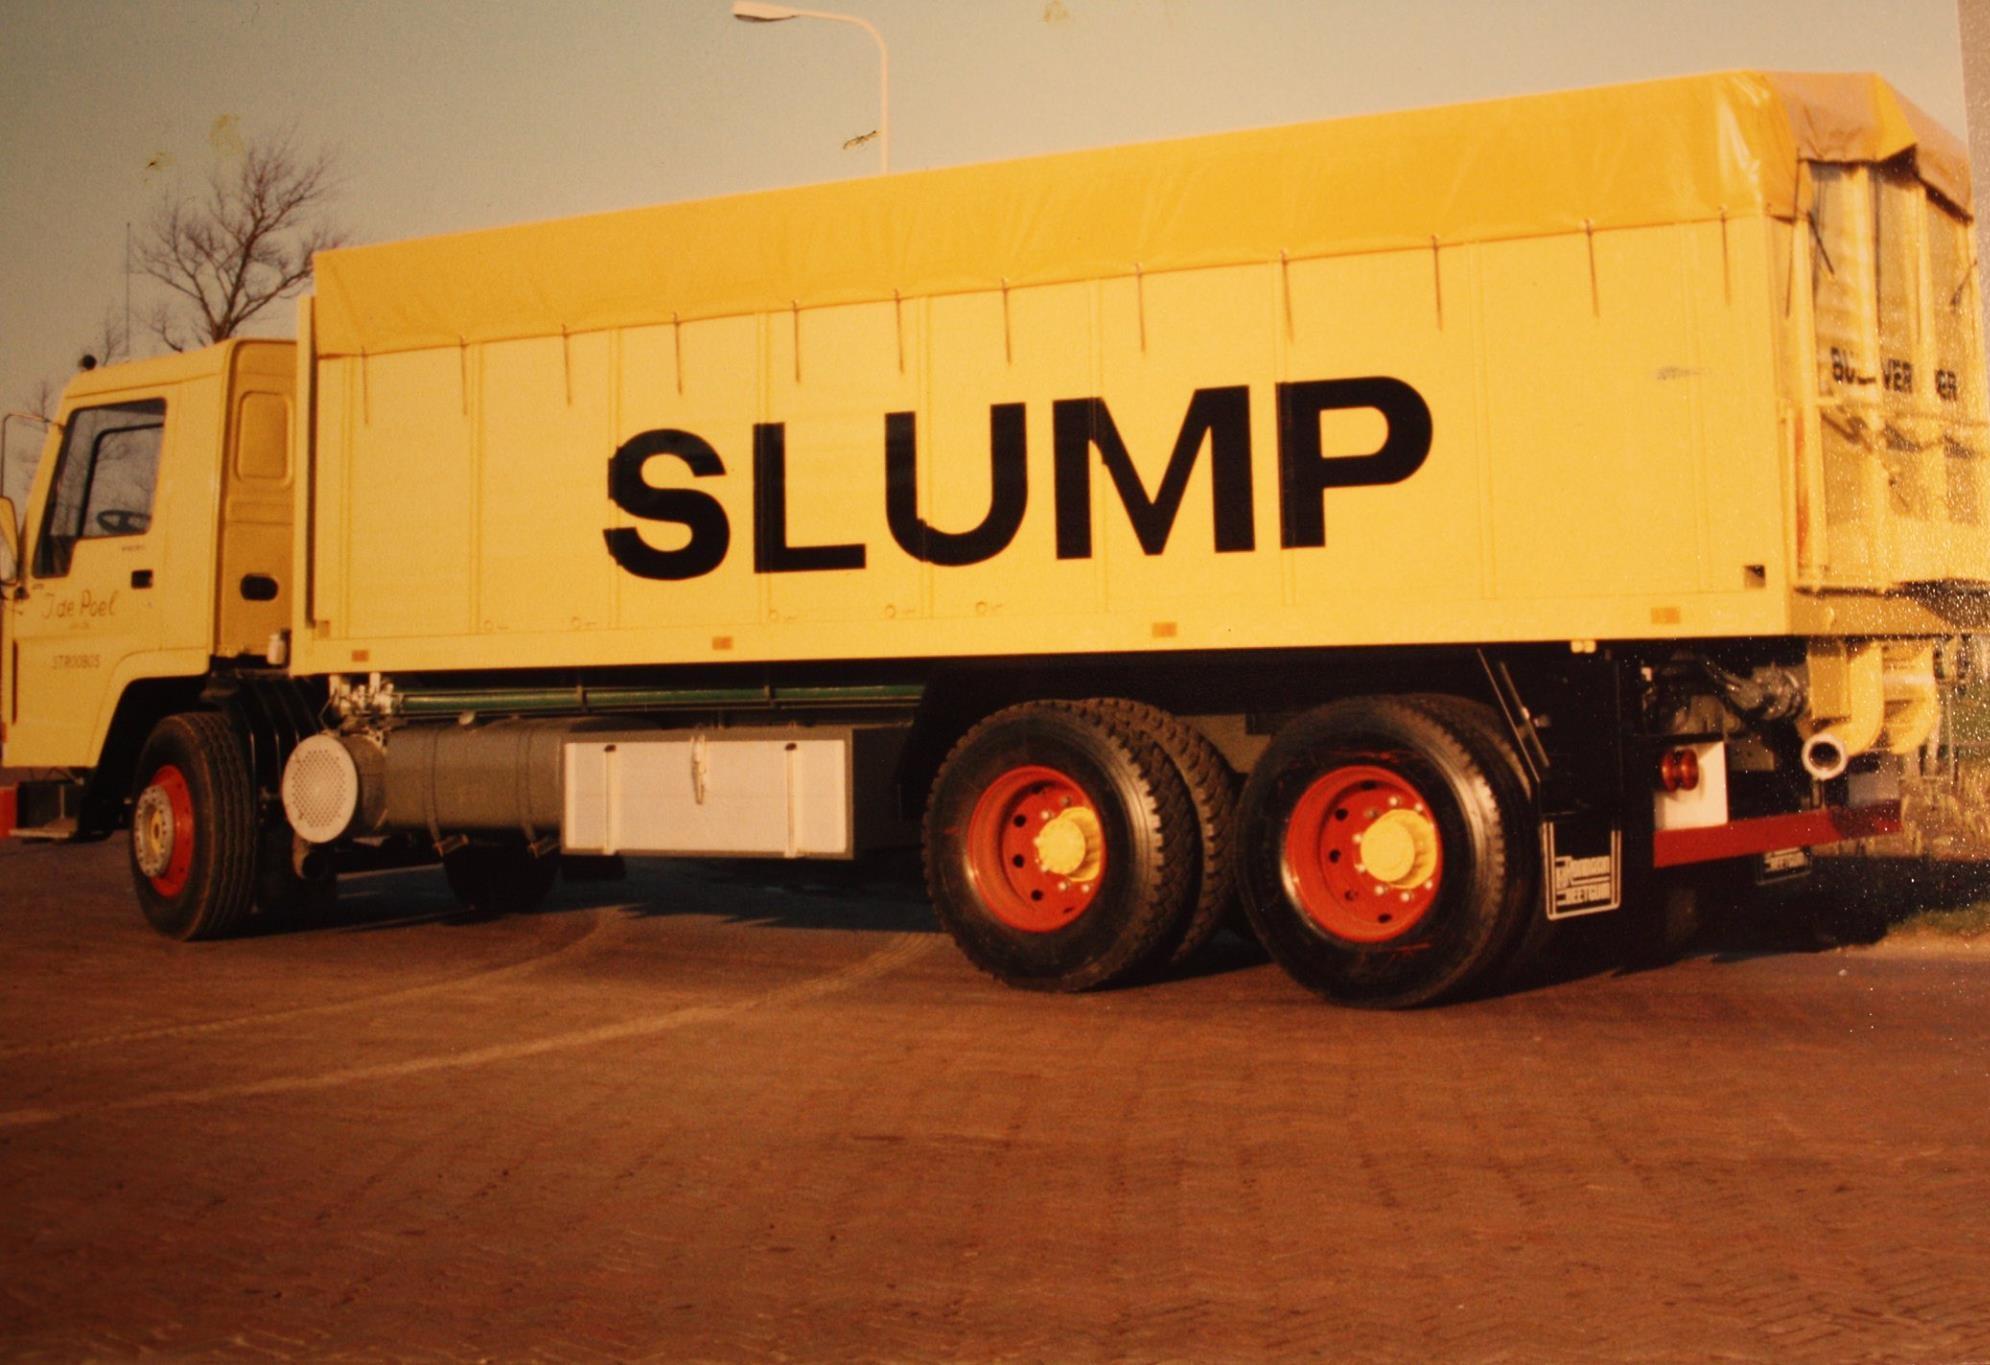 bulkwagen-is-gebouwd-door-Rondaan-voor-J-de-Poel-uit-Stroobos-rijdend-voor-Slump-veevoederfabriek-uit-Stroobos-2